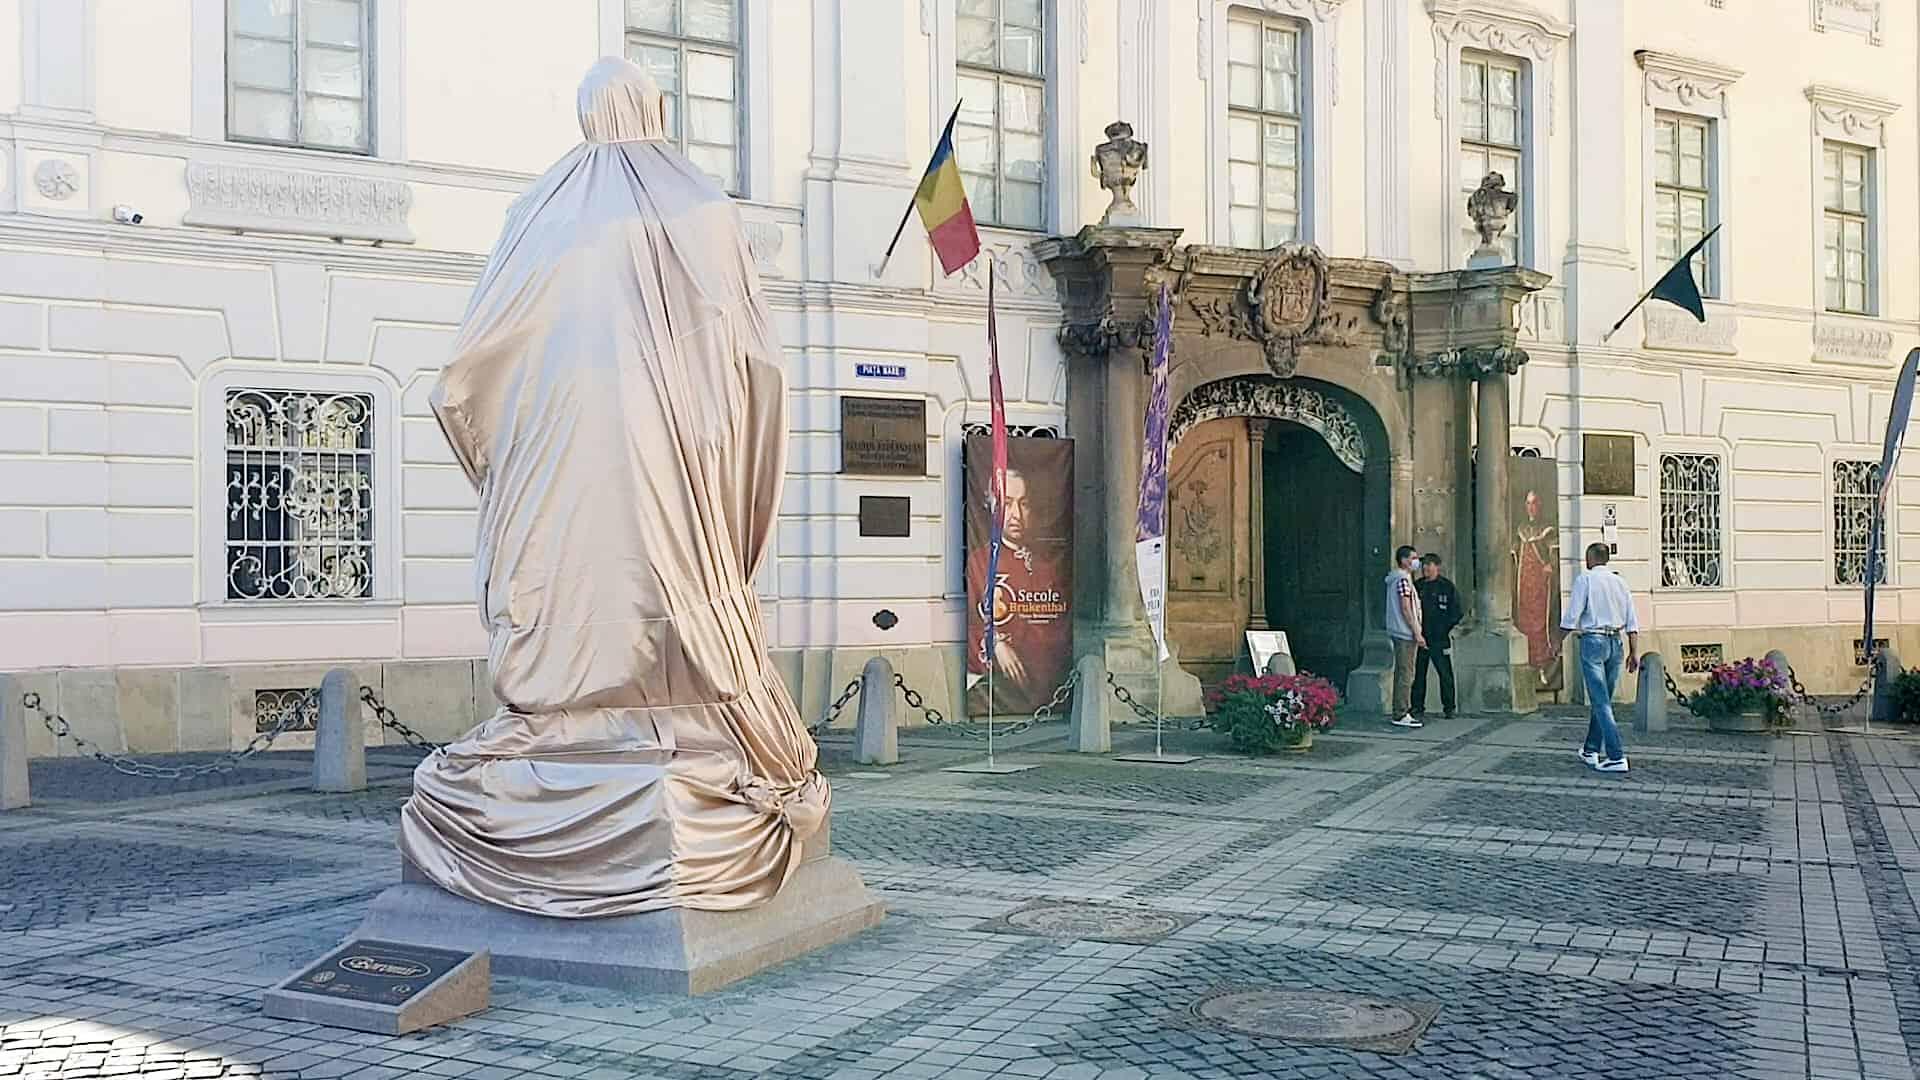 tatuia baronului Brukenthal a ajuns in Piata Mare Presedintele Iohannis asteptat la dezvelire